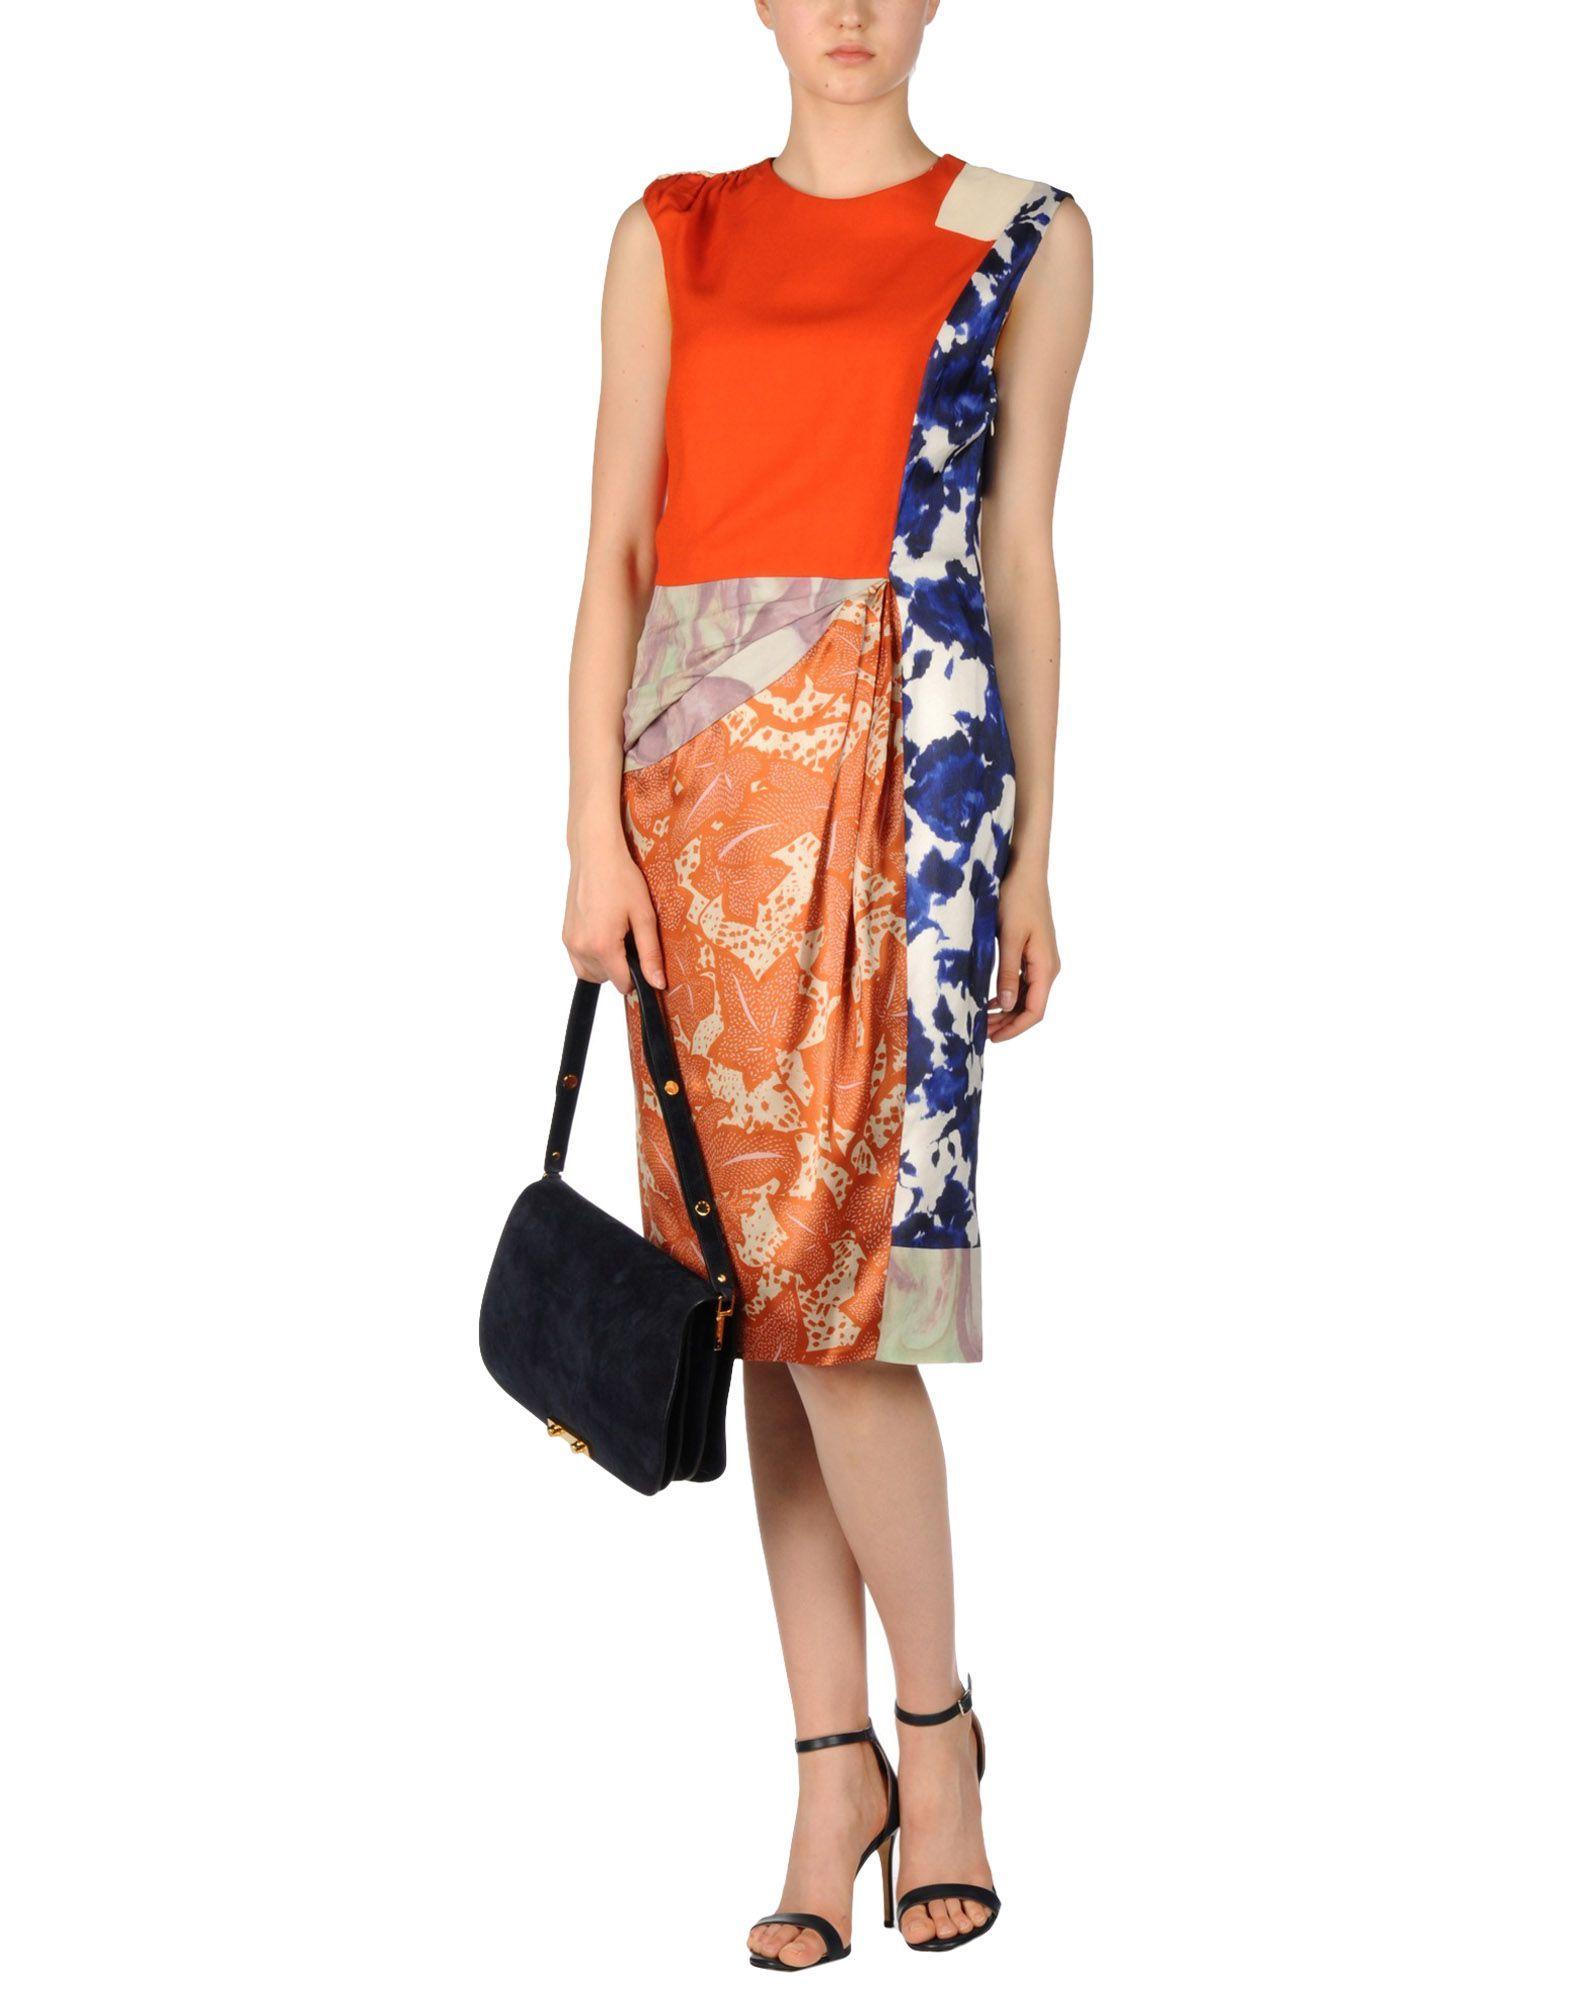 Dries Van Noten Knee-Length Dress - Men Dries Van Noten Knee-Length Dresses online on YOOX Australia - 34635793TM